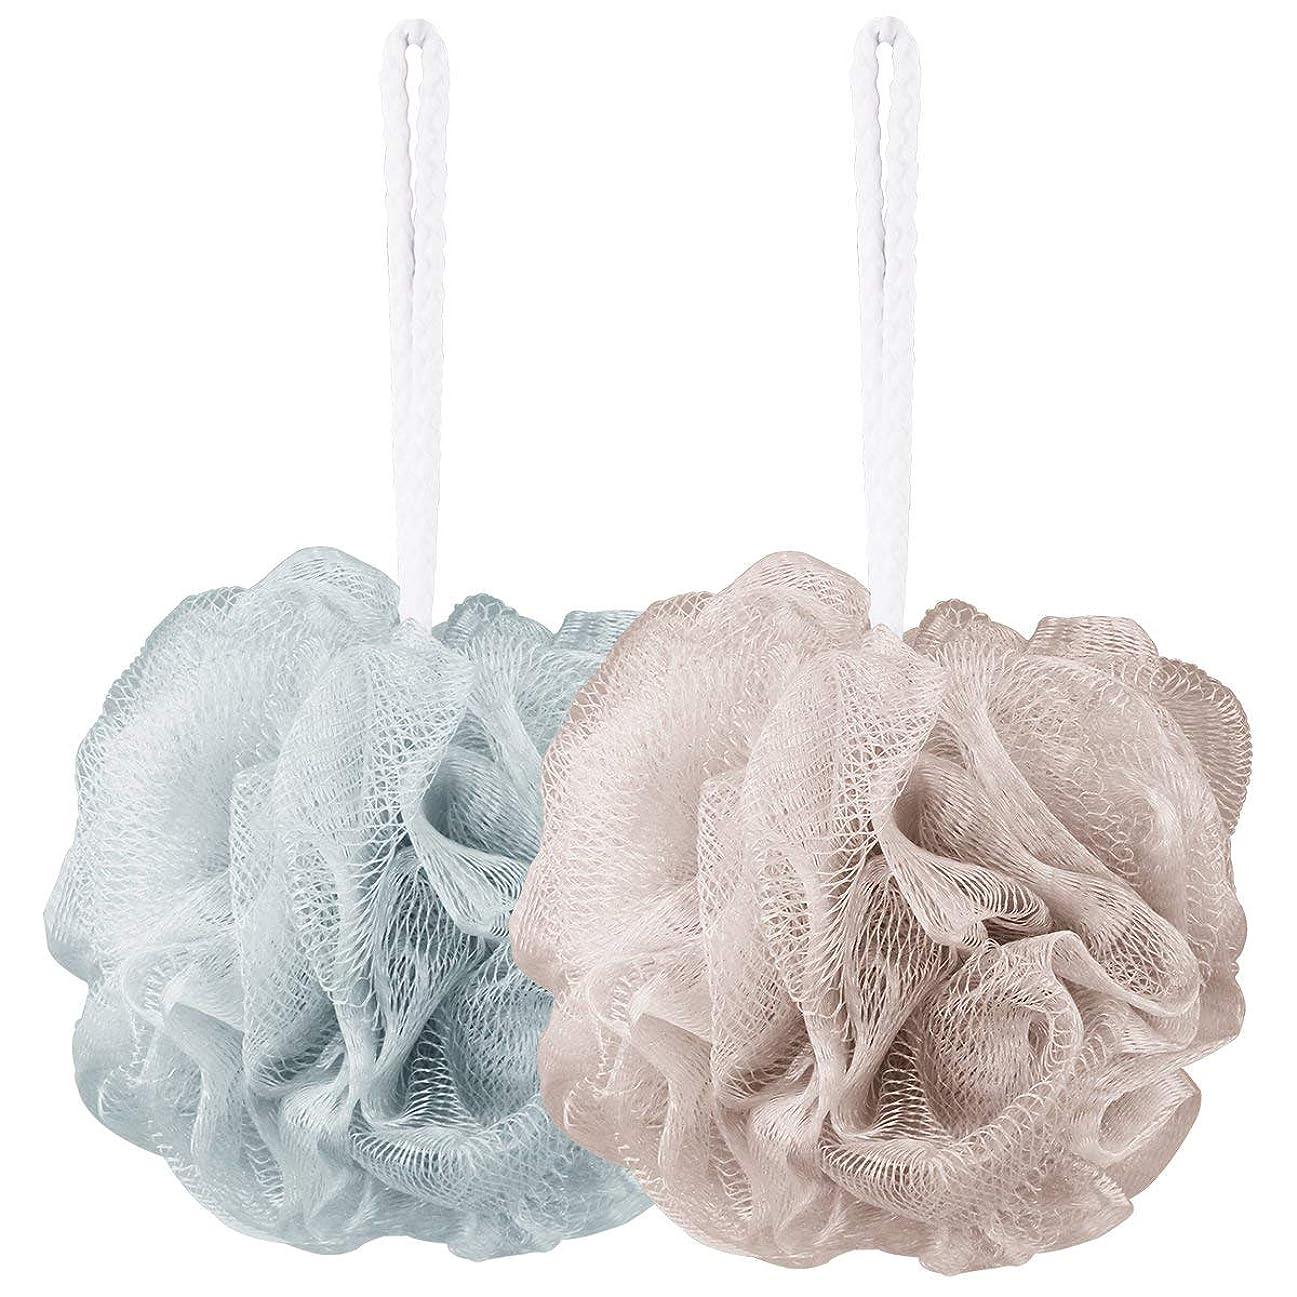 あいにく使い込むひまわり2点セット ボディ用お風呂ボール 花形 タオル 泡立てネット 超柔軟 シャワー用